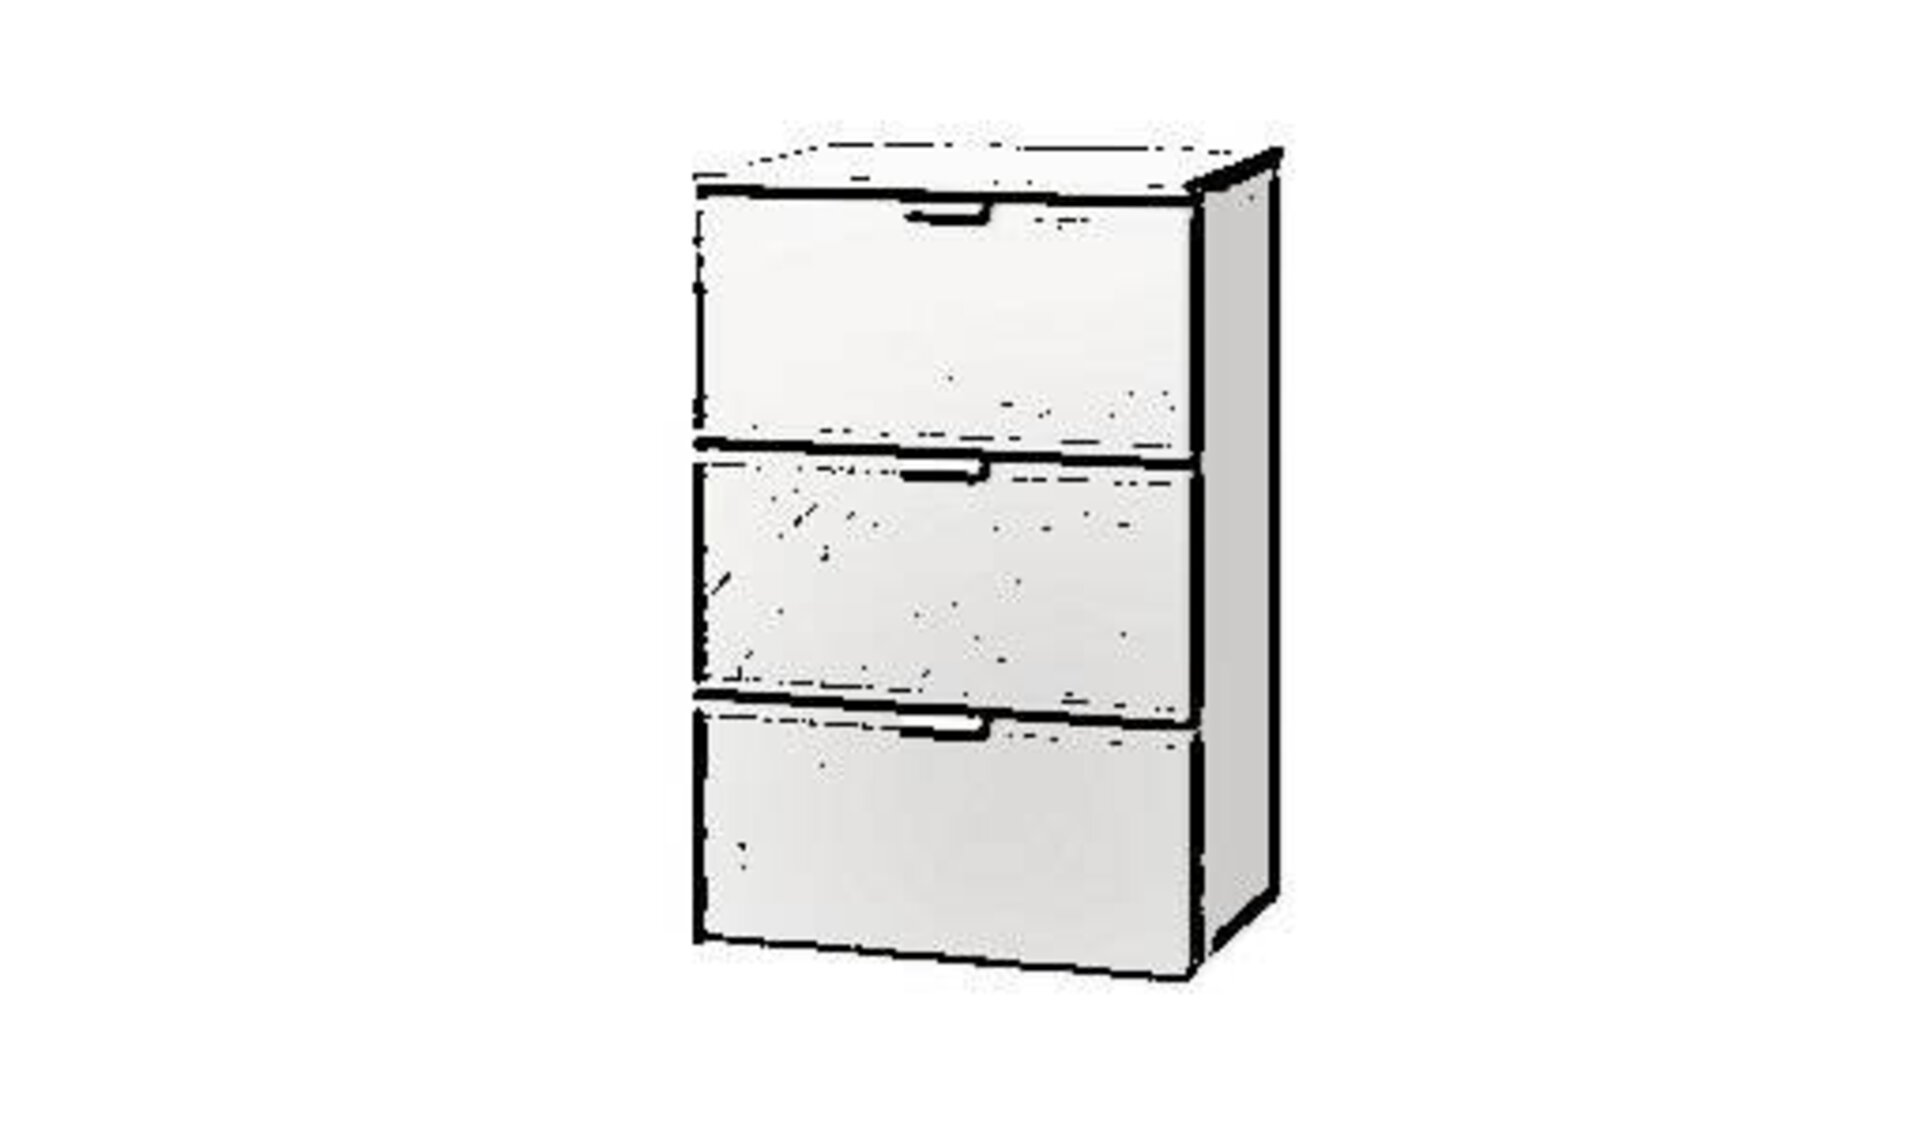 Icon für Kommode zeiht eine schmale Kommode aus weißem Furnier mit 3 gleichgroßen Schubladen.